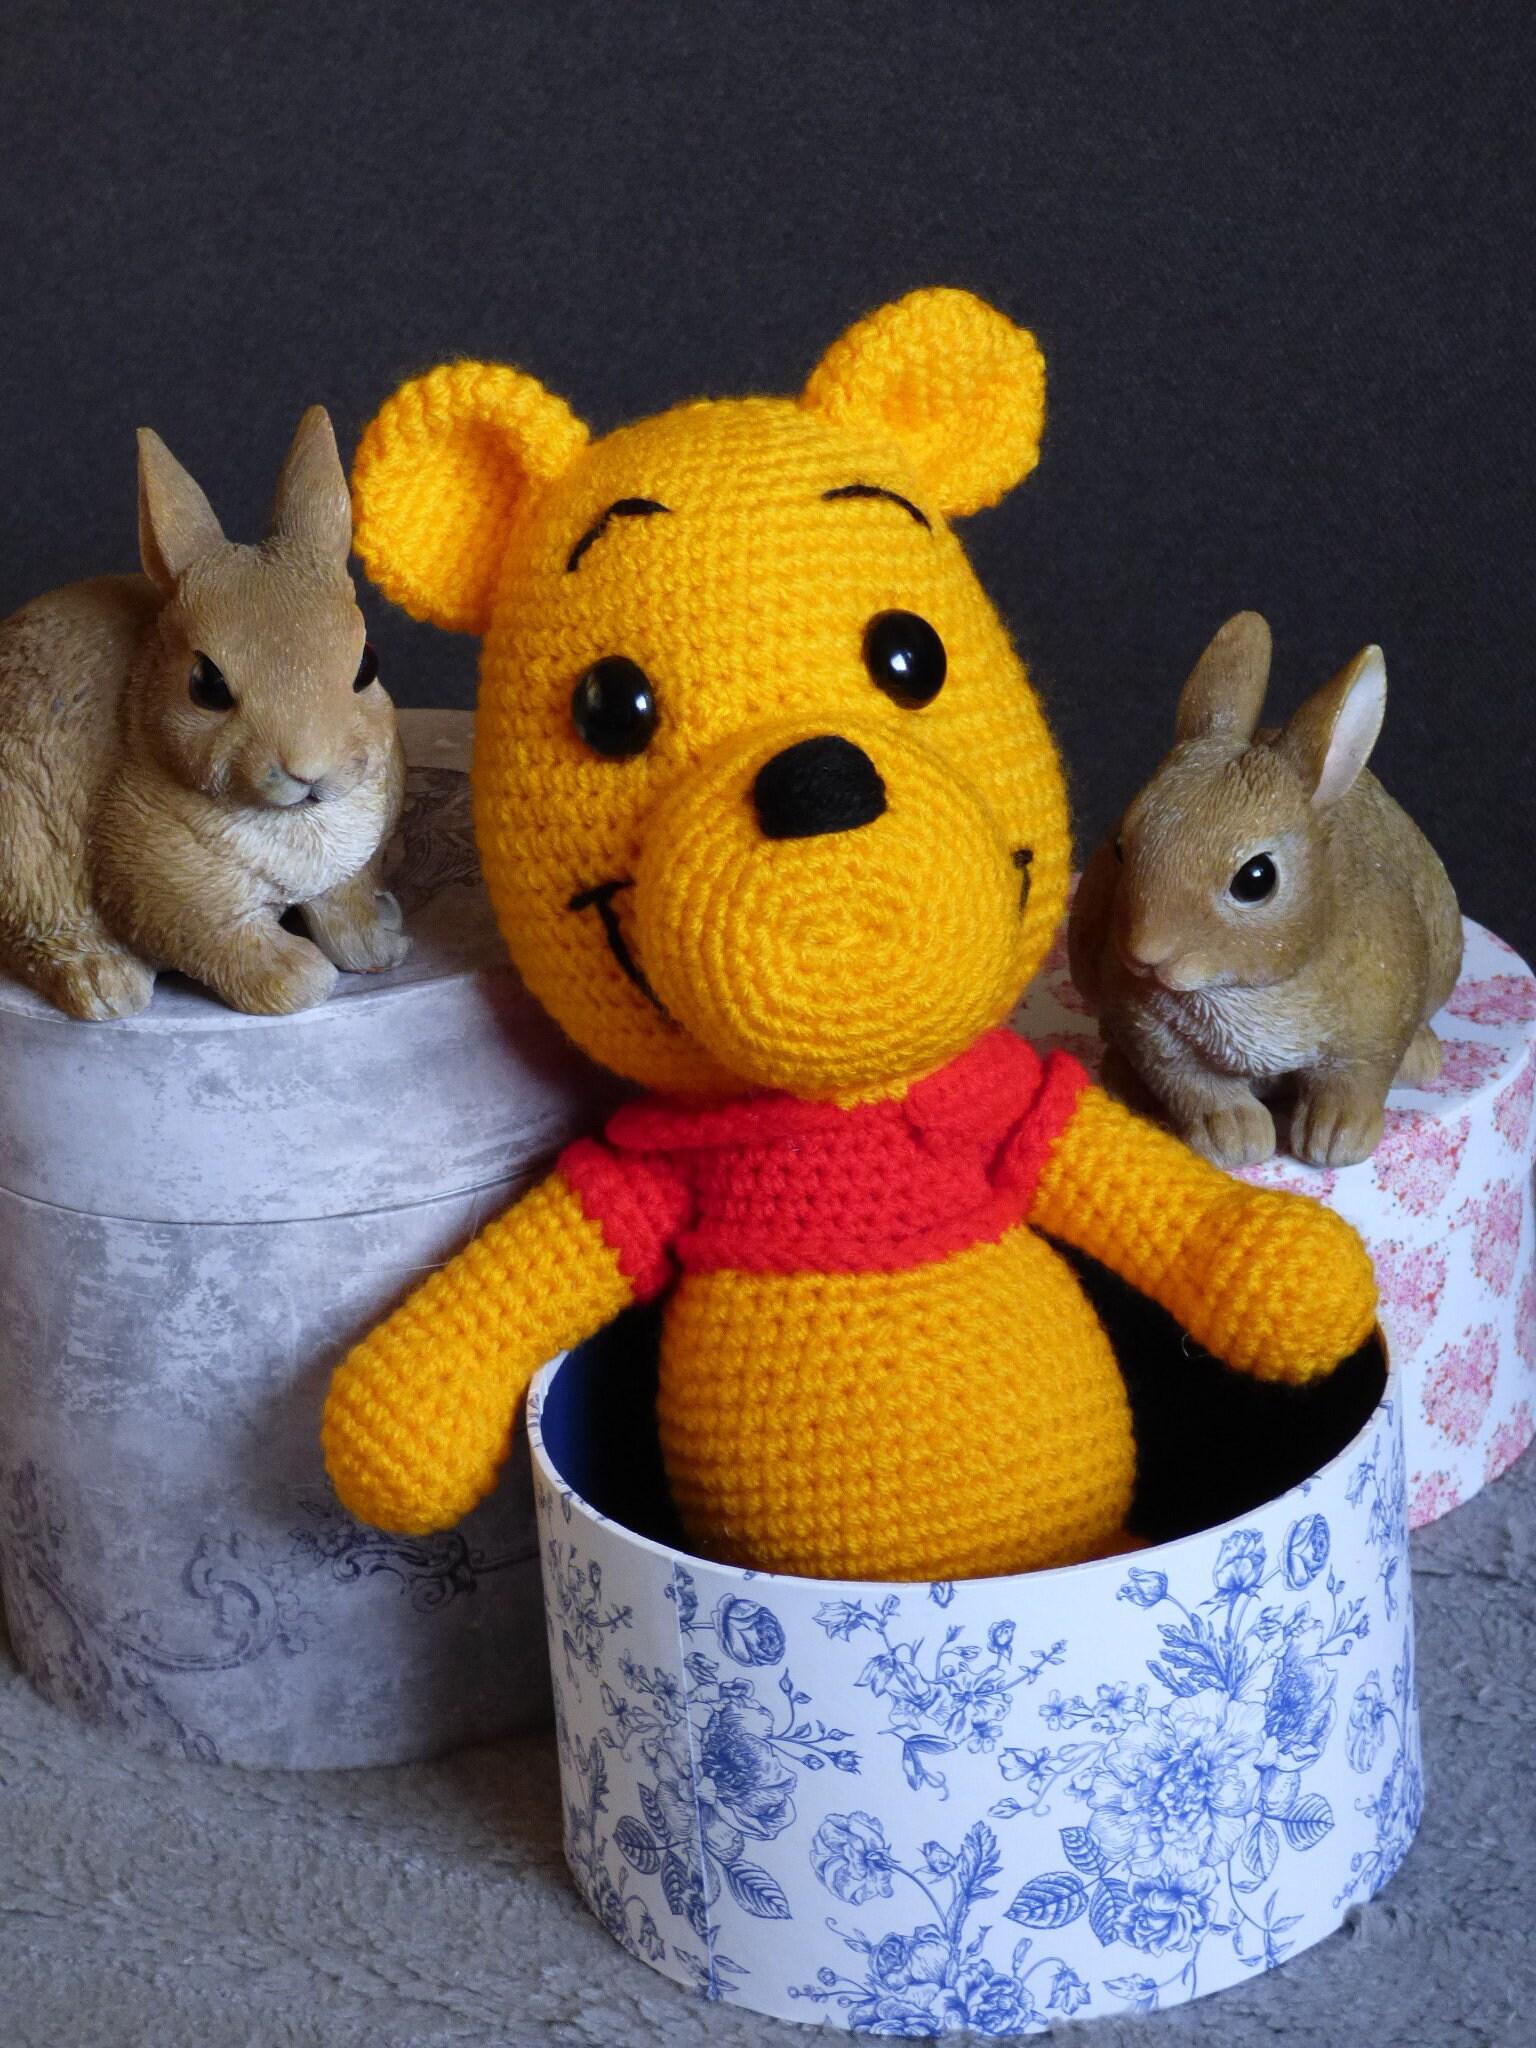 Winnie The Pooh Crochet Animal Winnie The Pooh Amigurumi Etsy